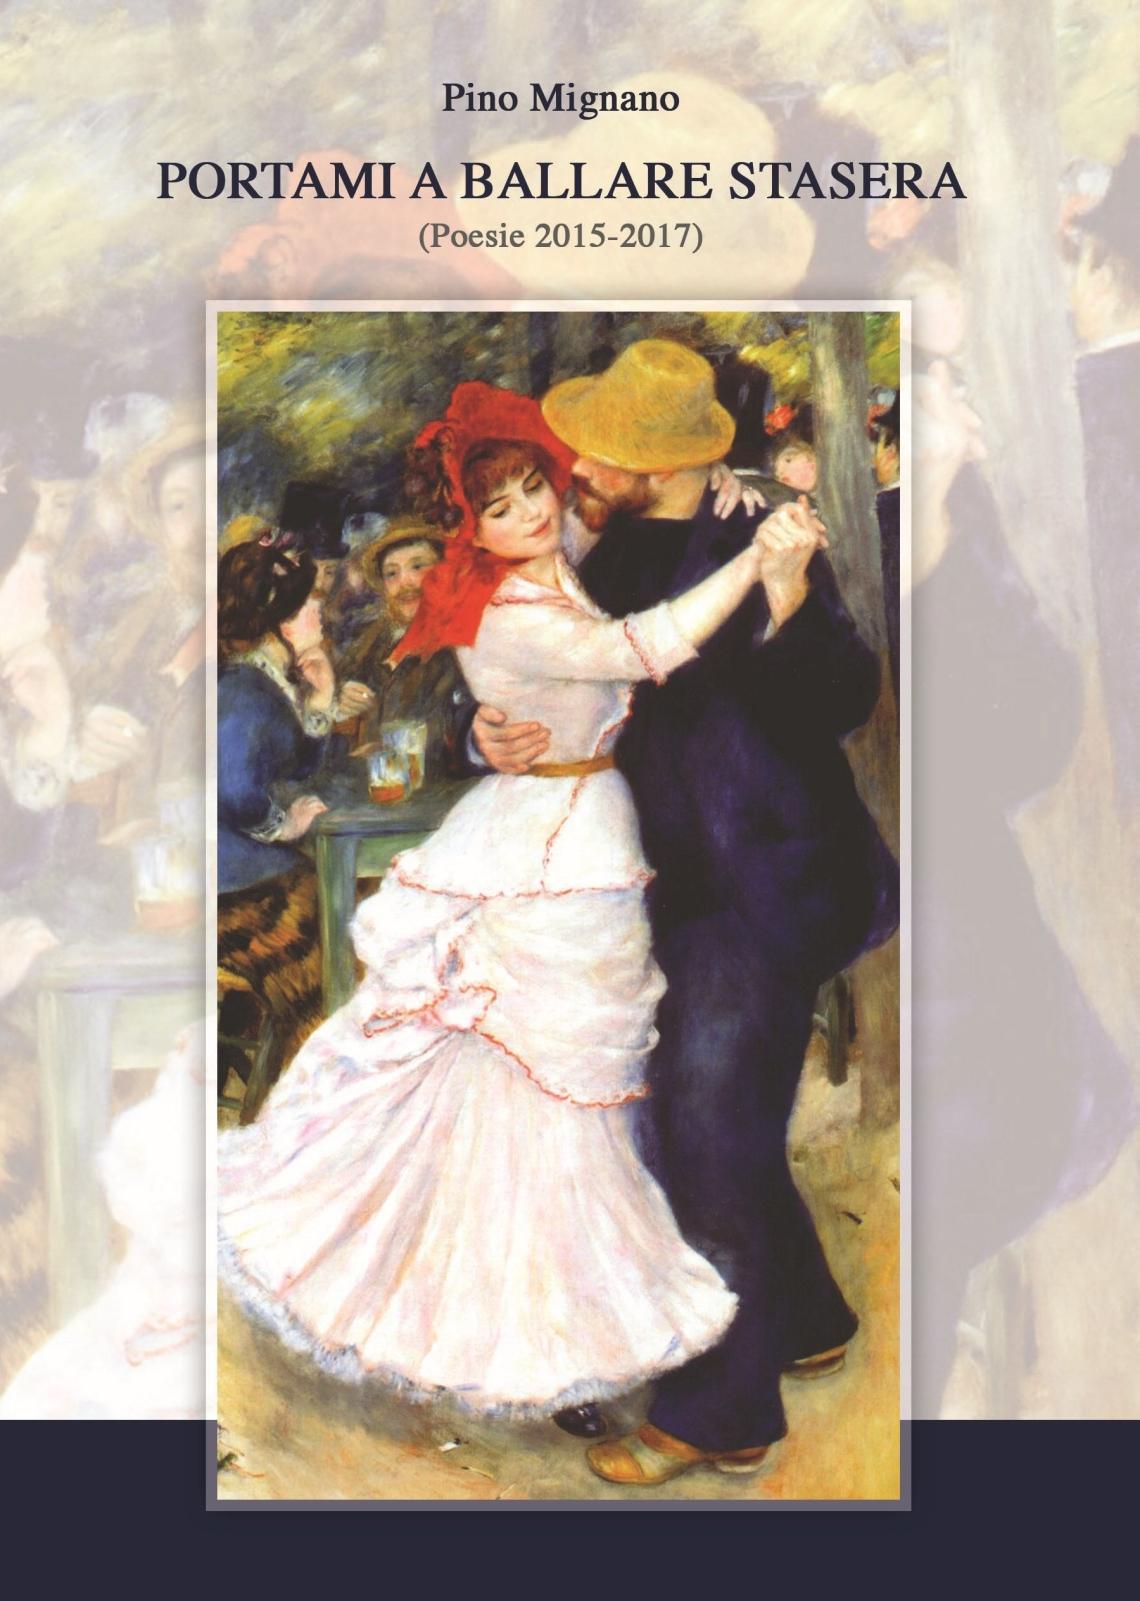 Copertina libro Mignanook